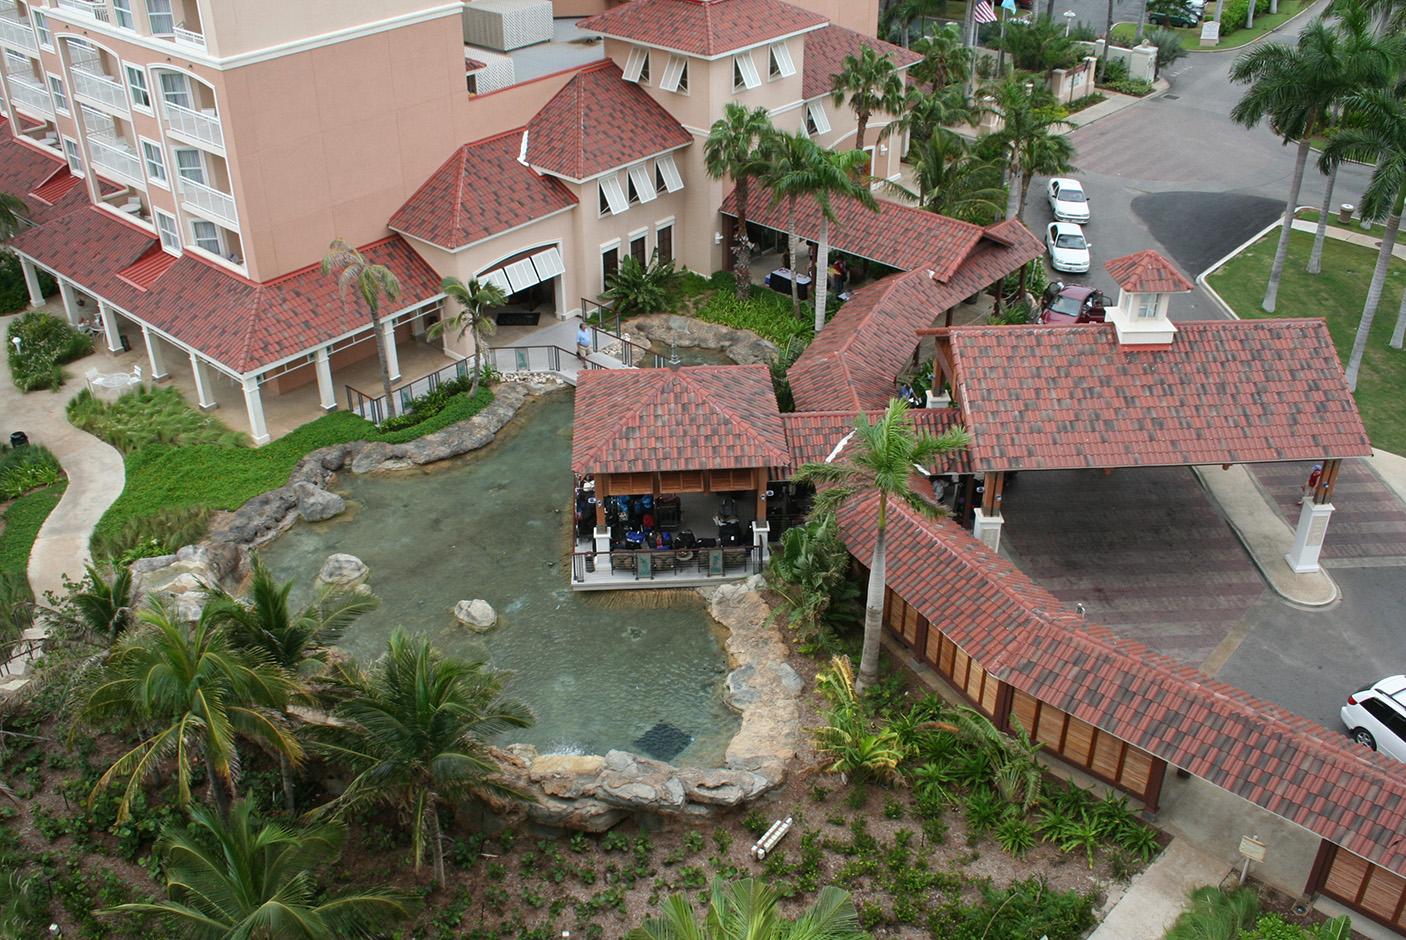 Marriott aruba surf club bl harbert international bl - Marriott aruba surf club 2 bedroom villa ...